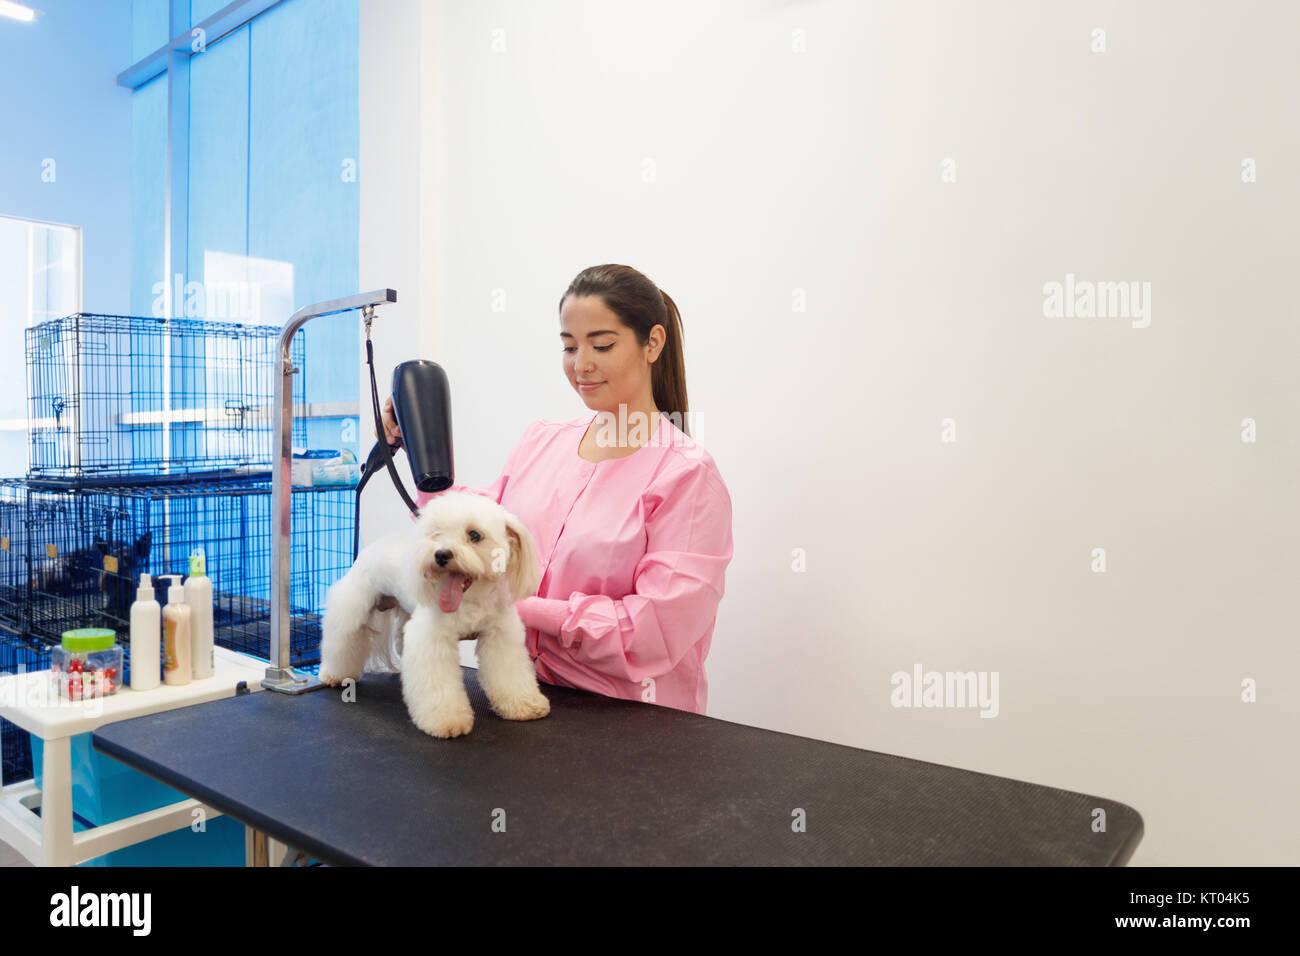 Giovane donna che lavorano in pet shop, spazzolatura e asciugatura capelli del cane, ragazza toelettatura del cucciolo Immagini Stock